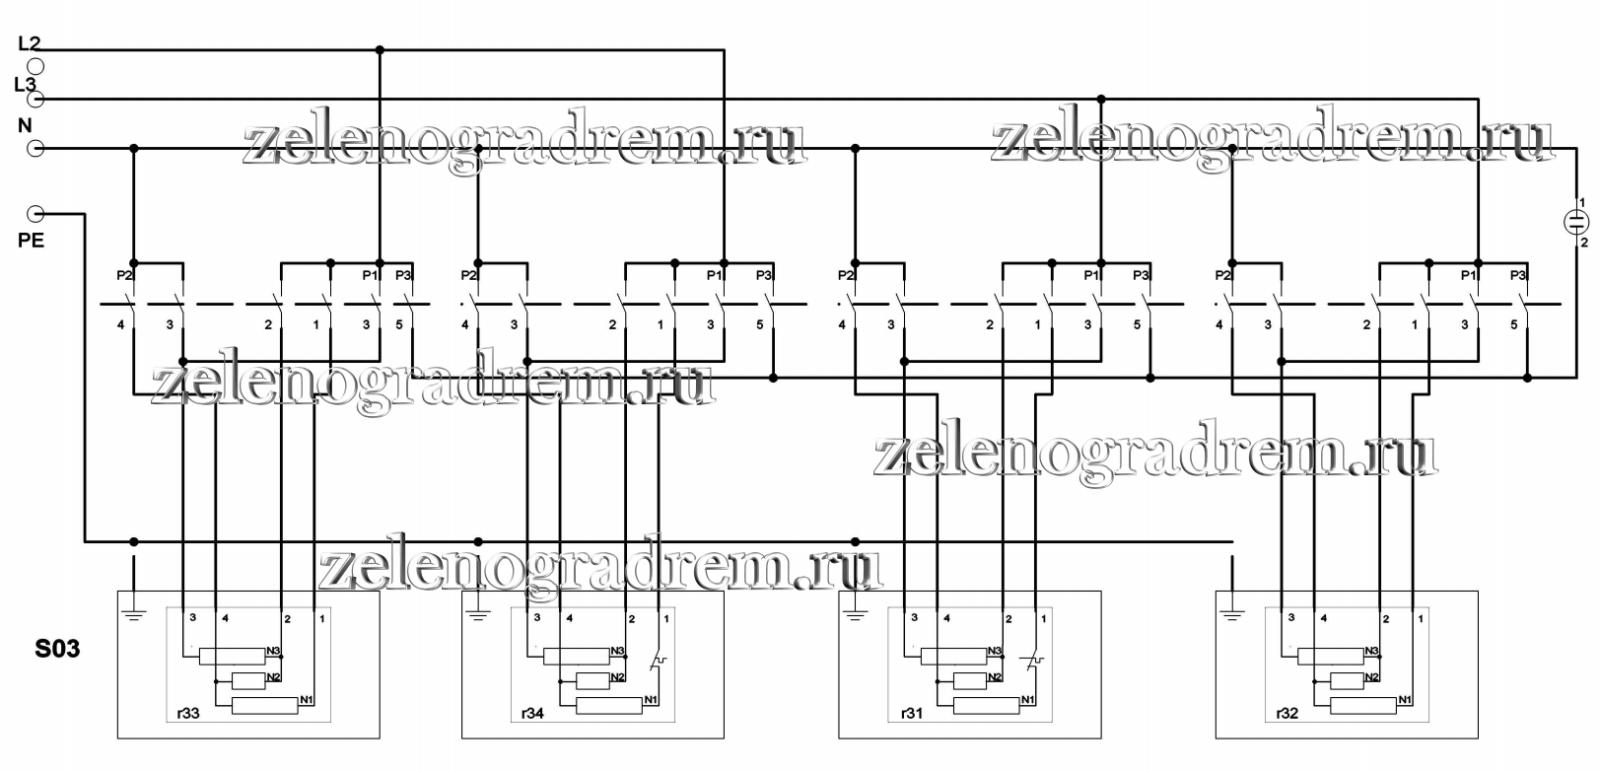 Принципиальная схема электроплиты с чугунными конфорками